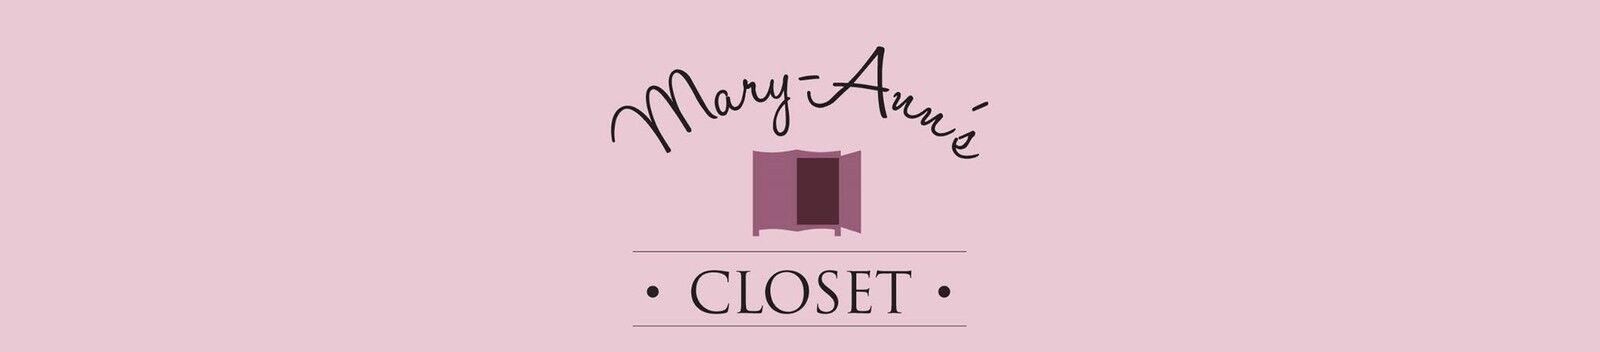 Mary-Ann's Closet